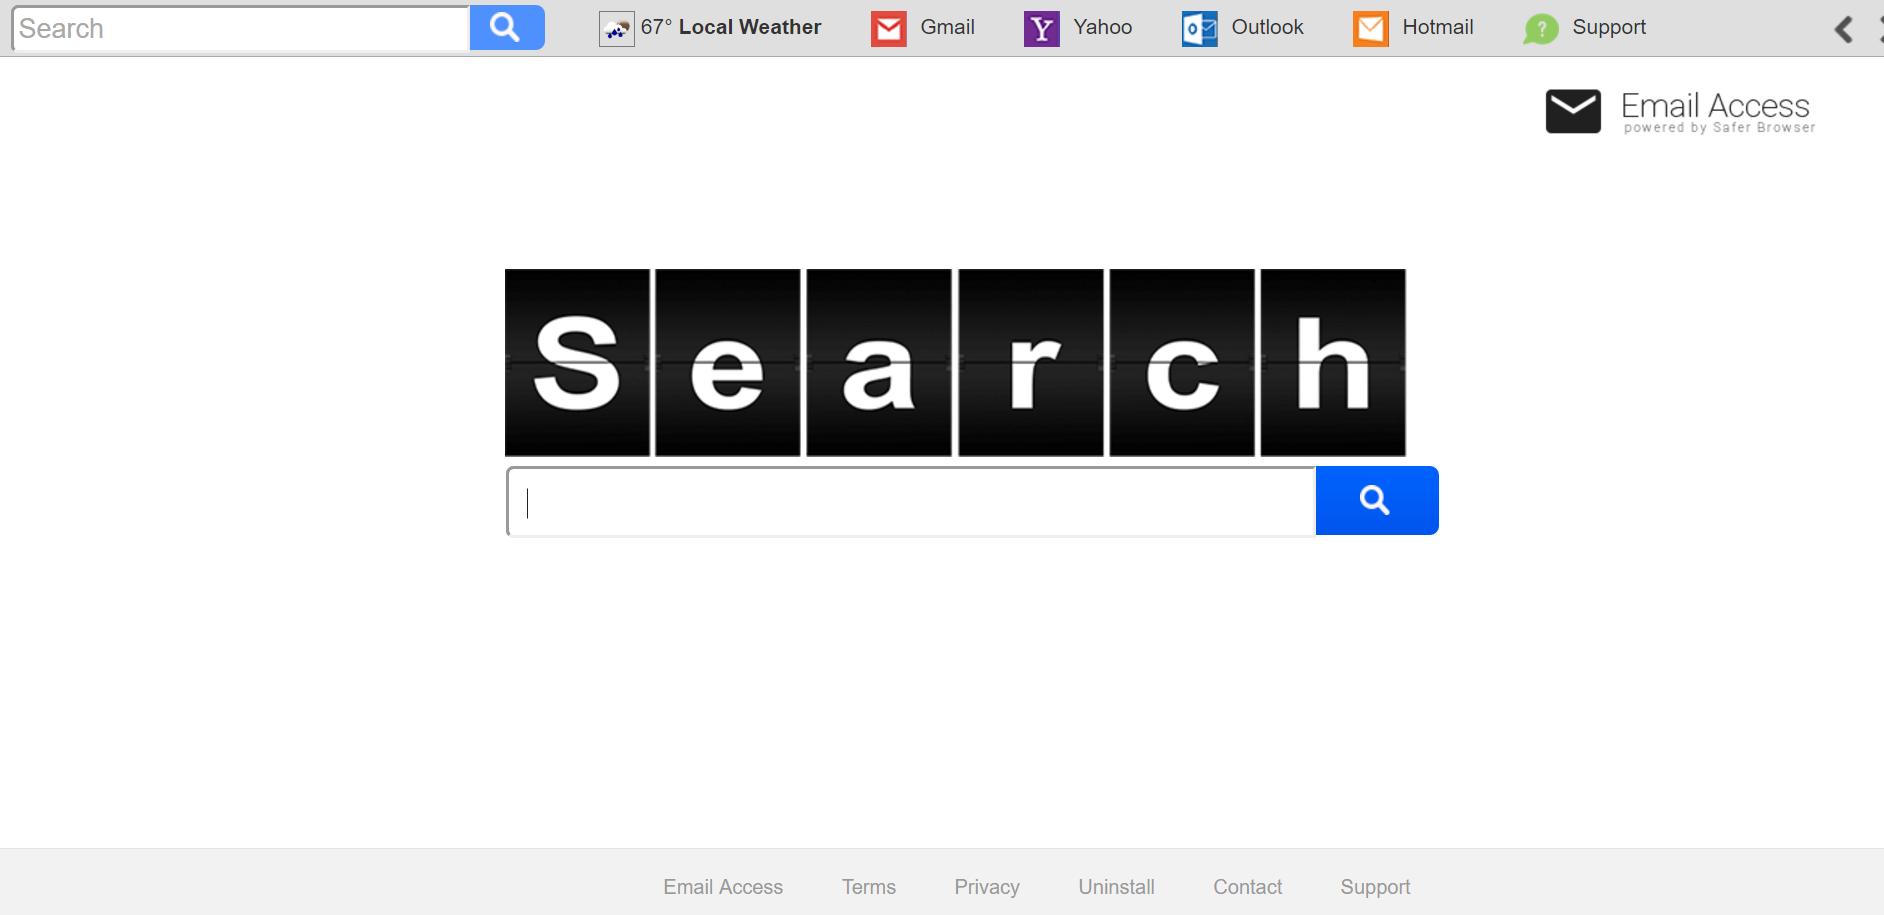 Search.searchemaila.com Hijacker